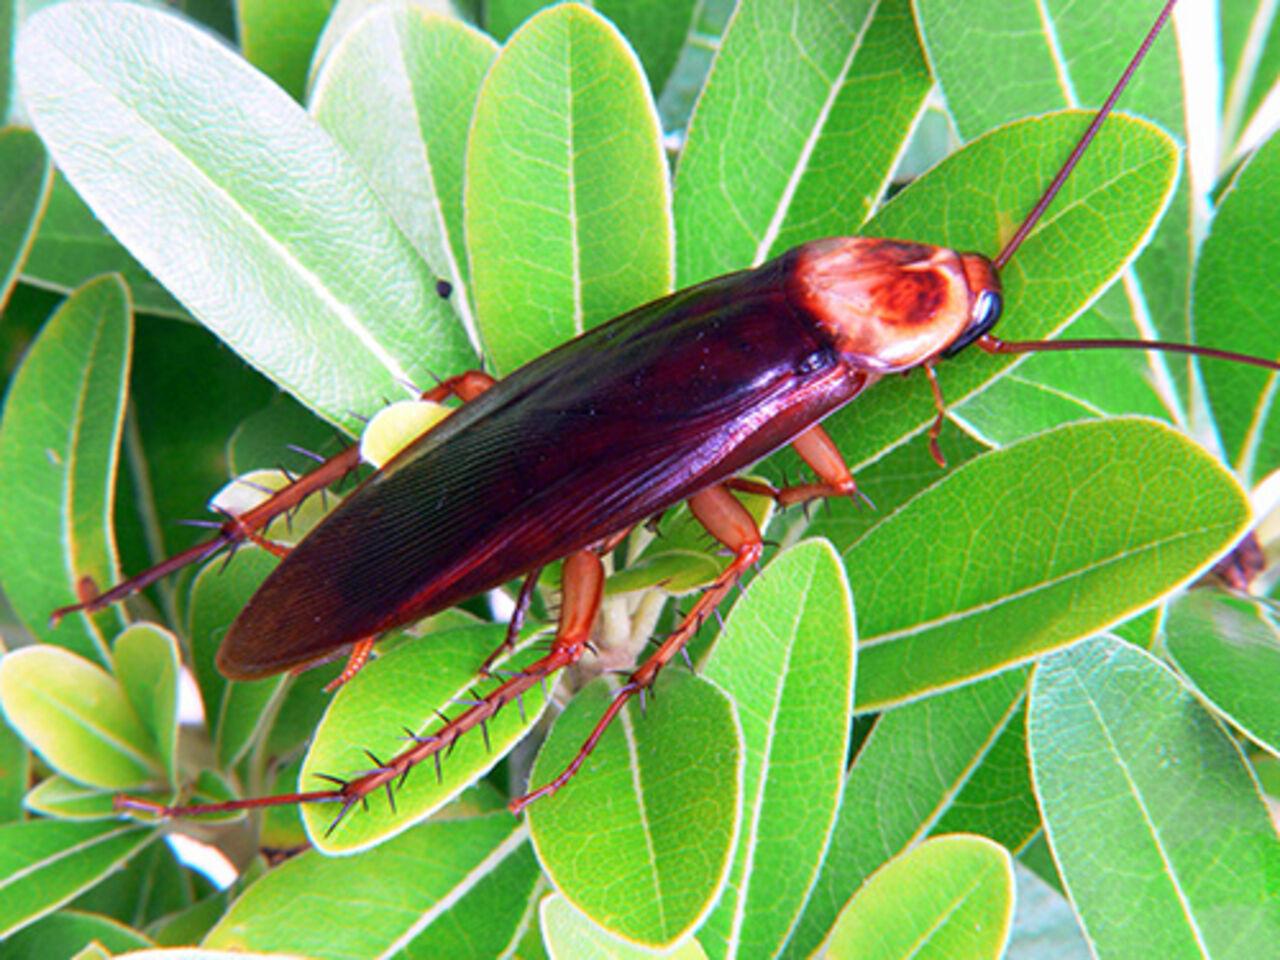 Ученые: Секрет живучести тараканов скрывается в особенном наборе рецепторов